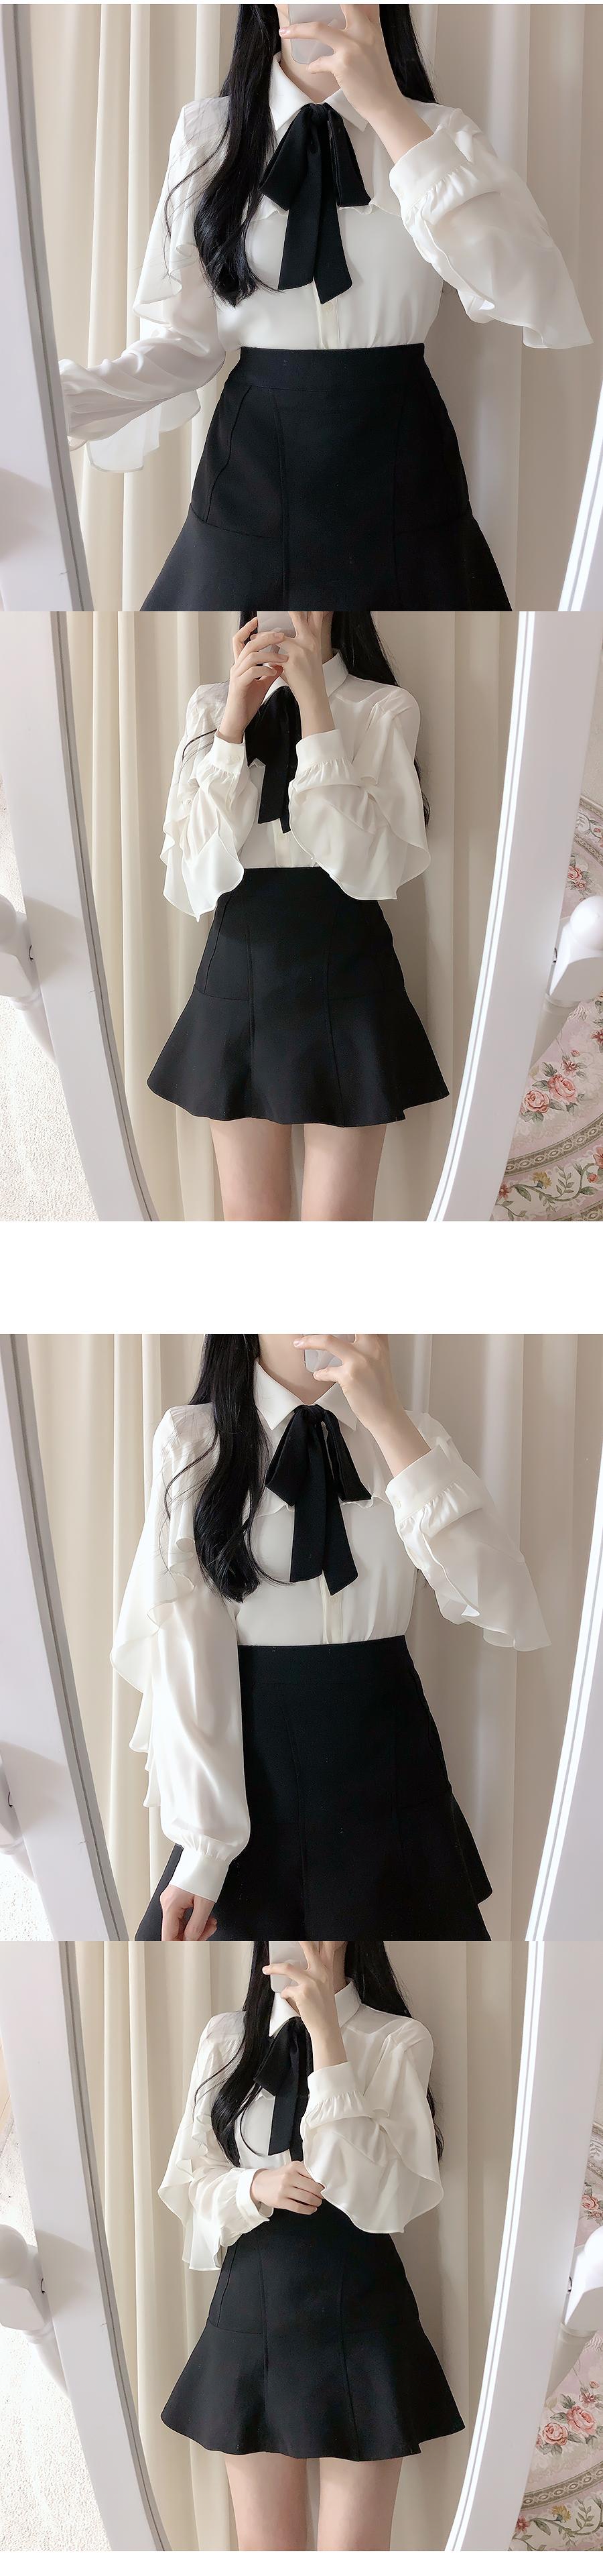 Bijou frill ribbon blouse